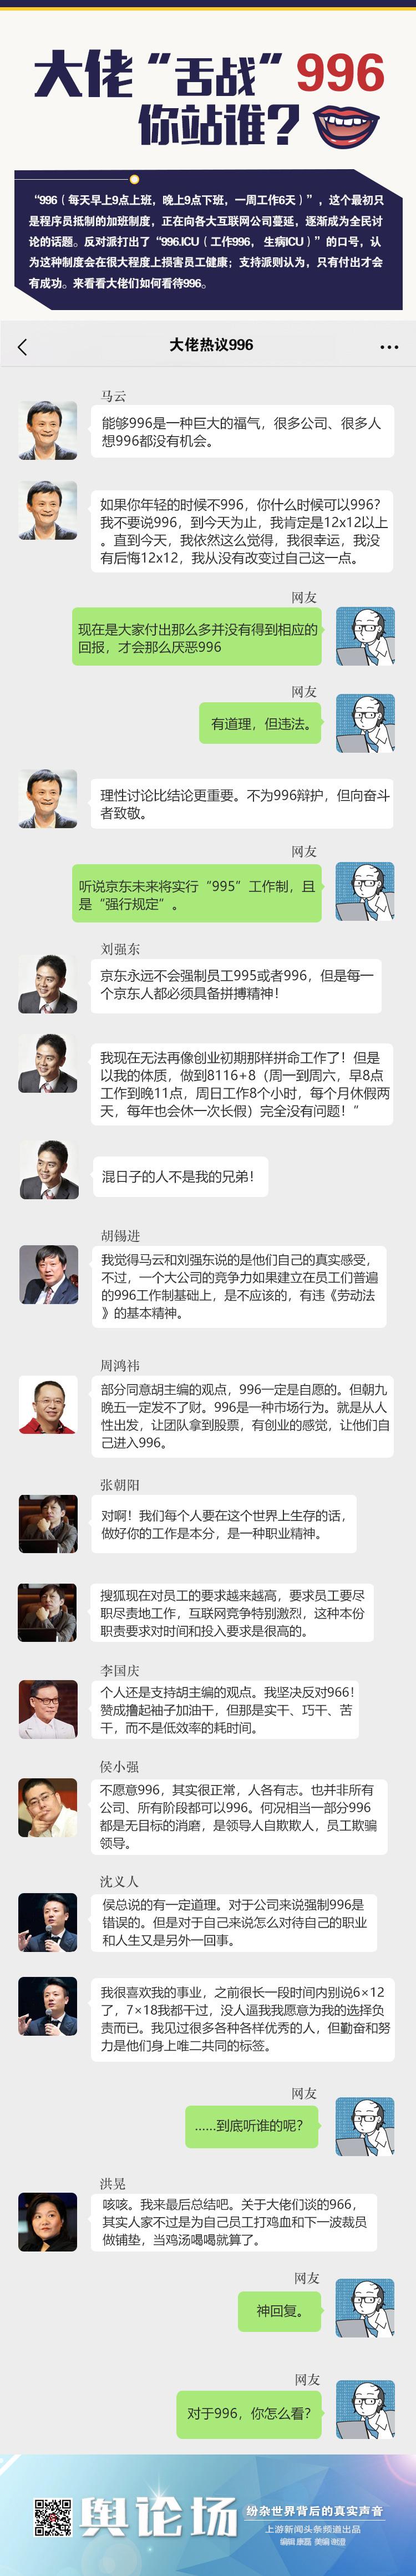 """马云、刘强东、周鸿祎、张朝阳……企业大佬谈""""996"""",看看老板们的想法"""